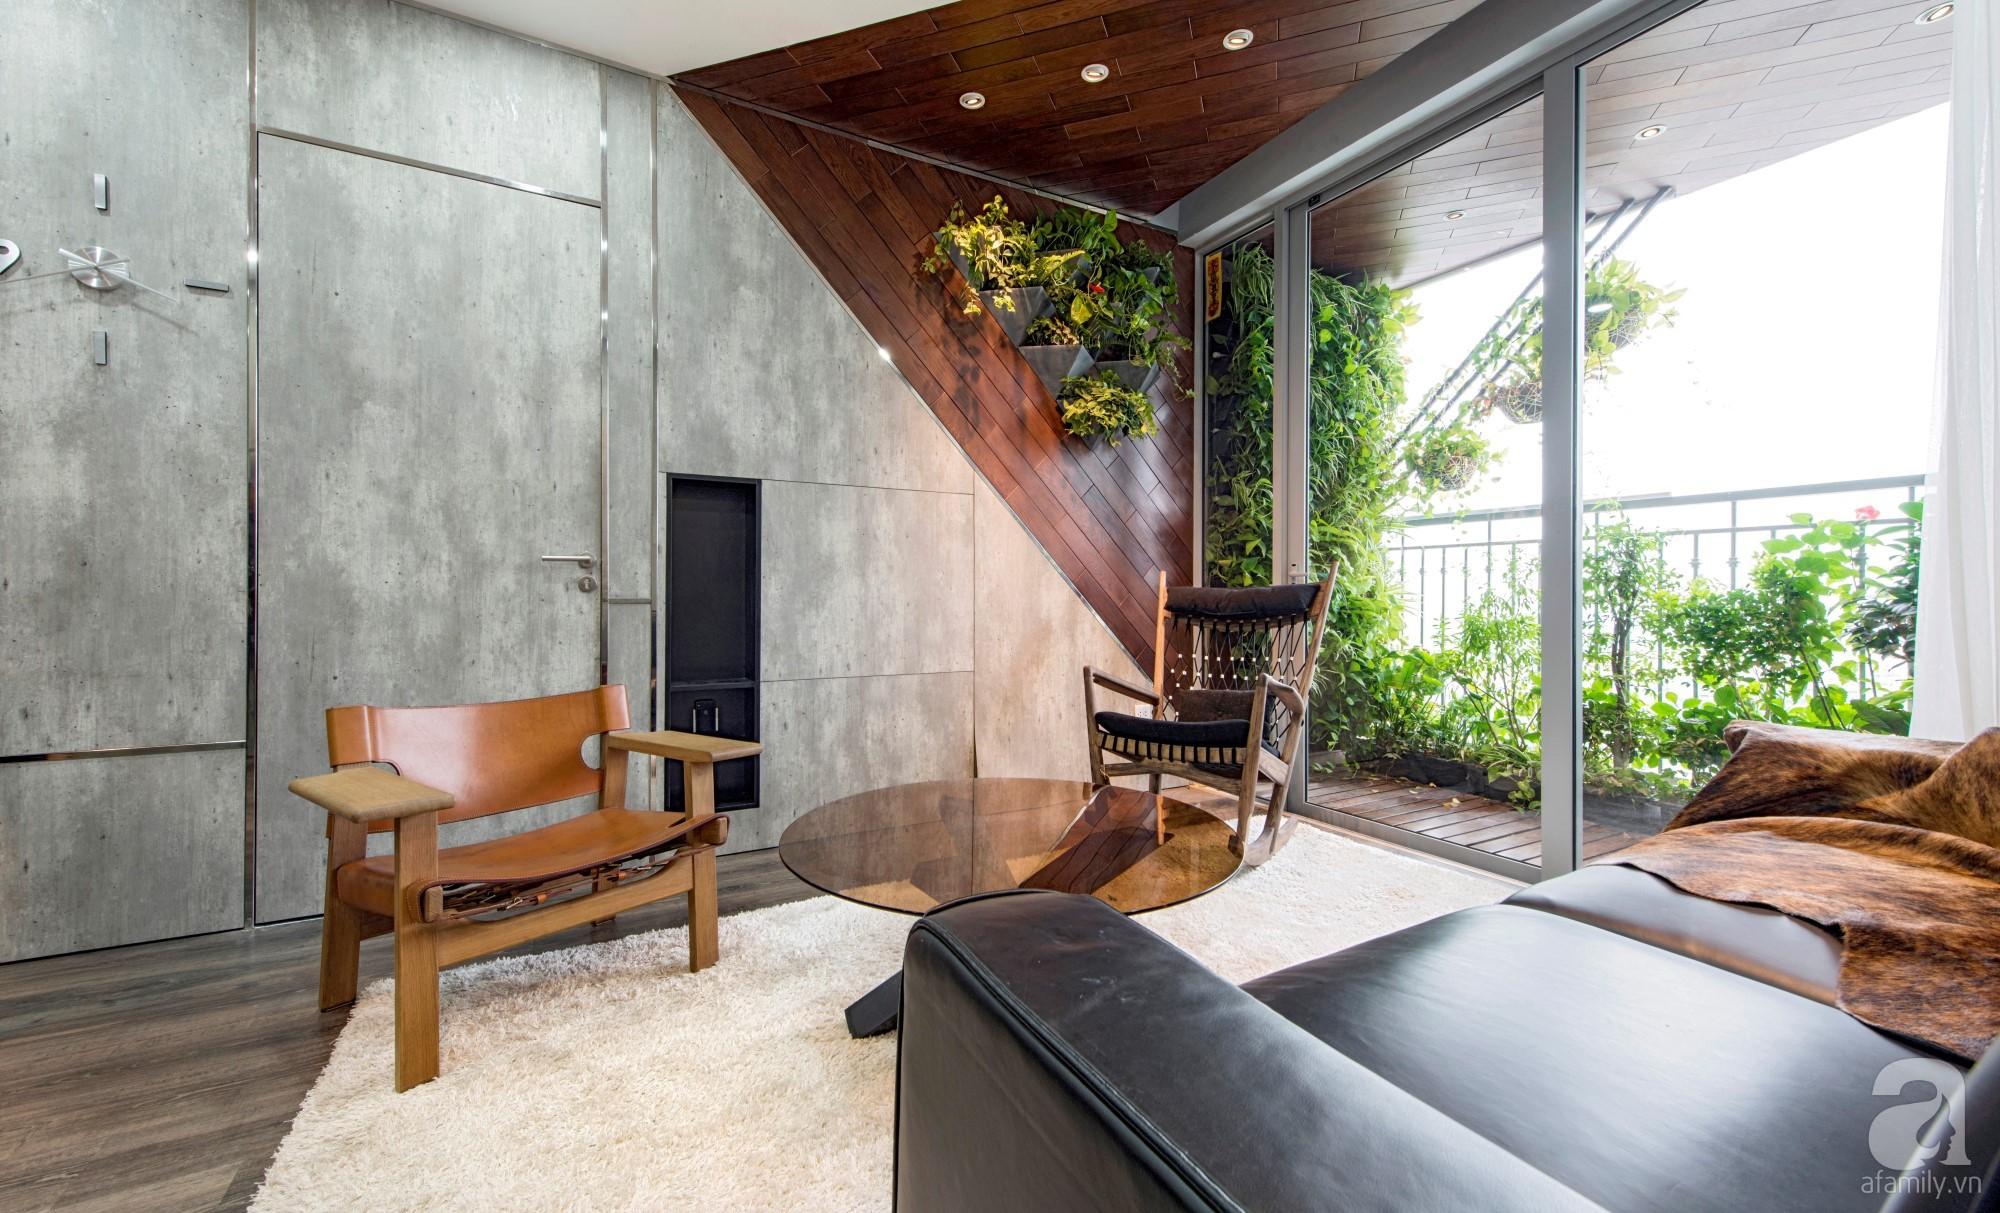 Căn hộ 80m² trên tầng 21 đẹp độc đáo với chi phí cải tạo 780 triệu đồng của chủ nhà yêu cây xanh - Ảnh 5.